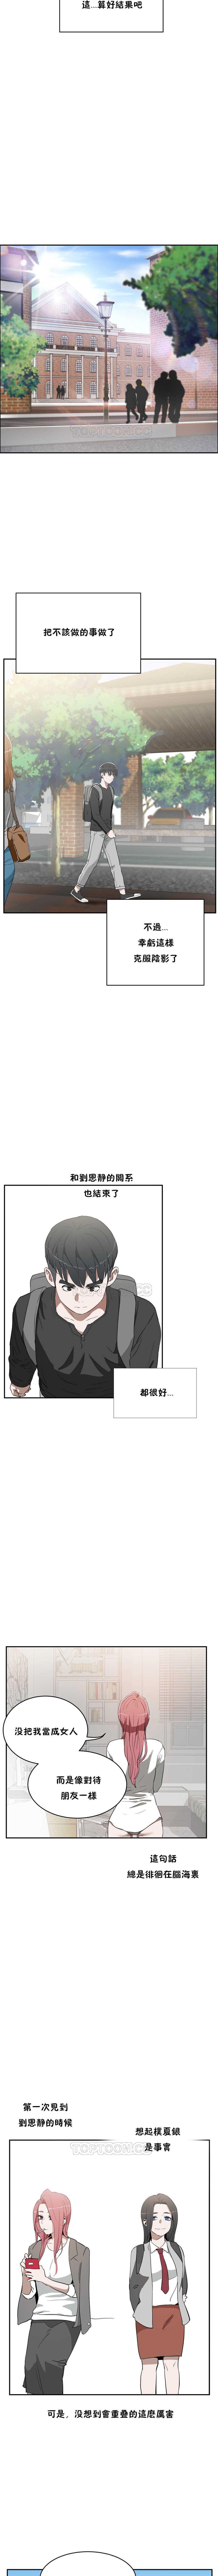 性教育 1-48.5 中文翻译(完結) 96